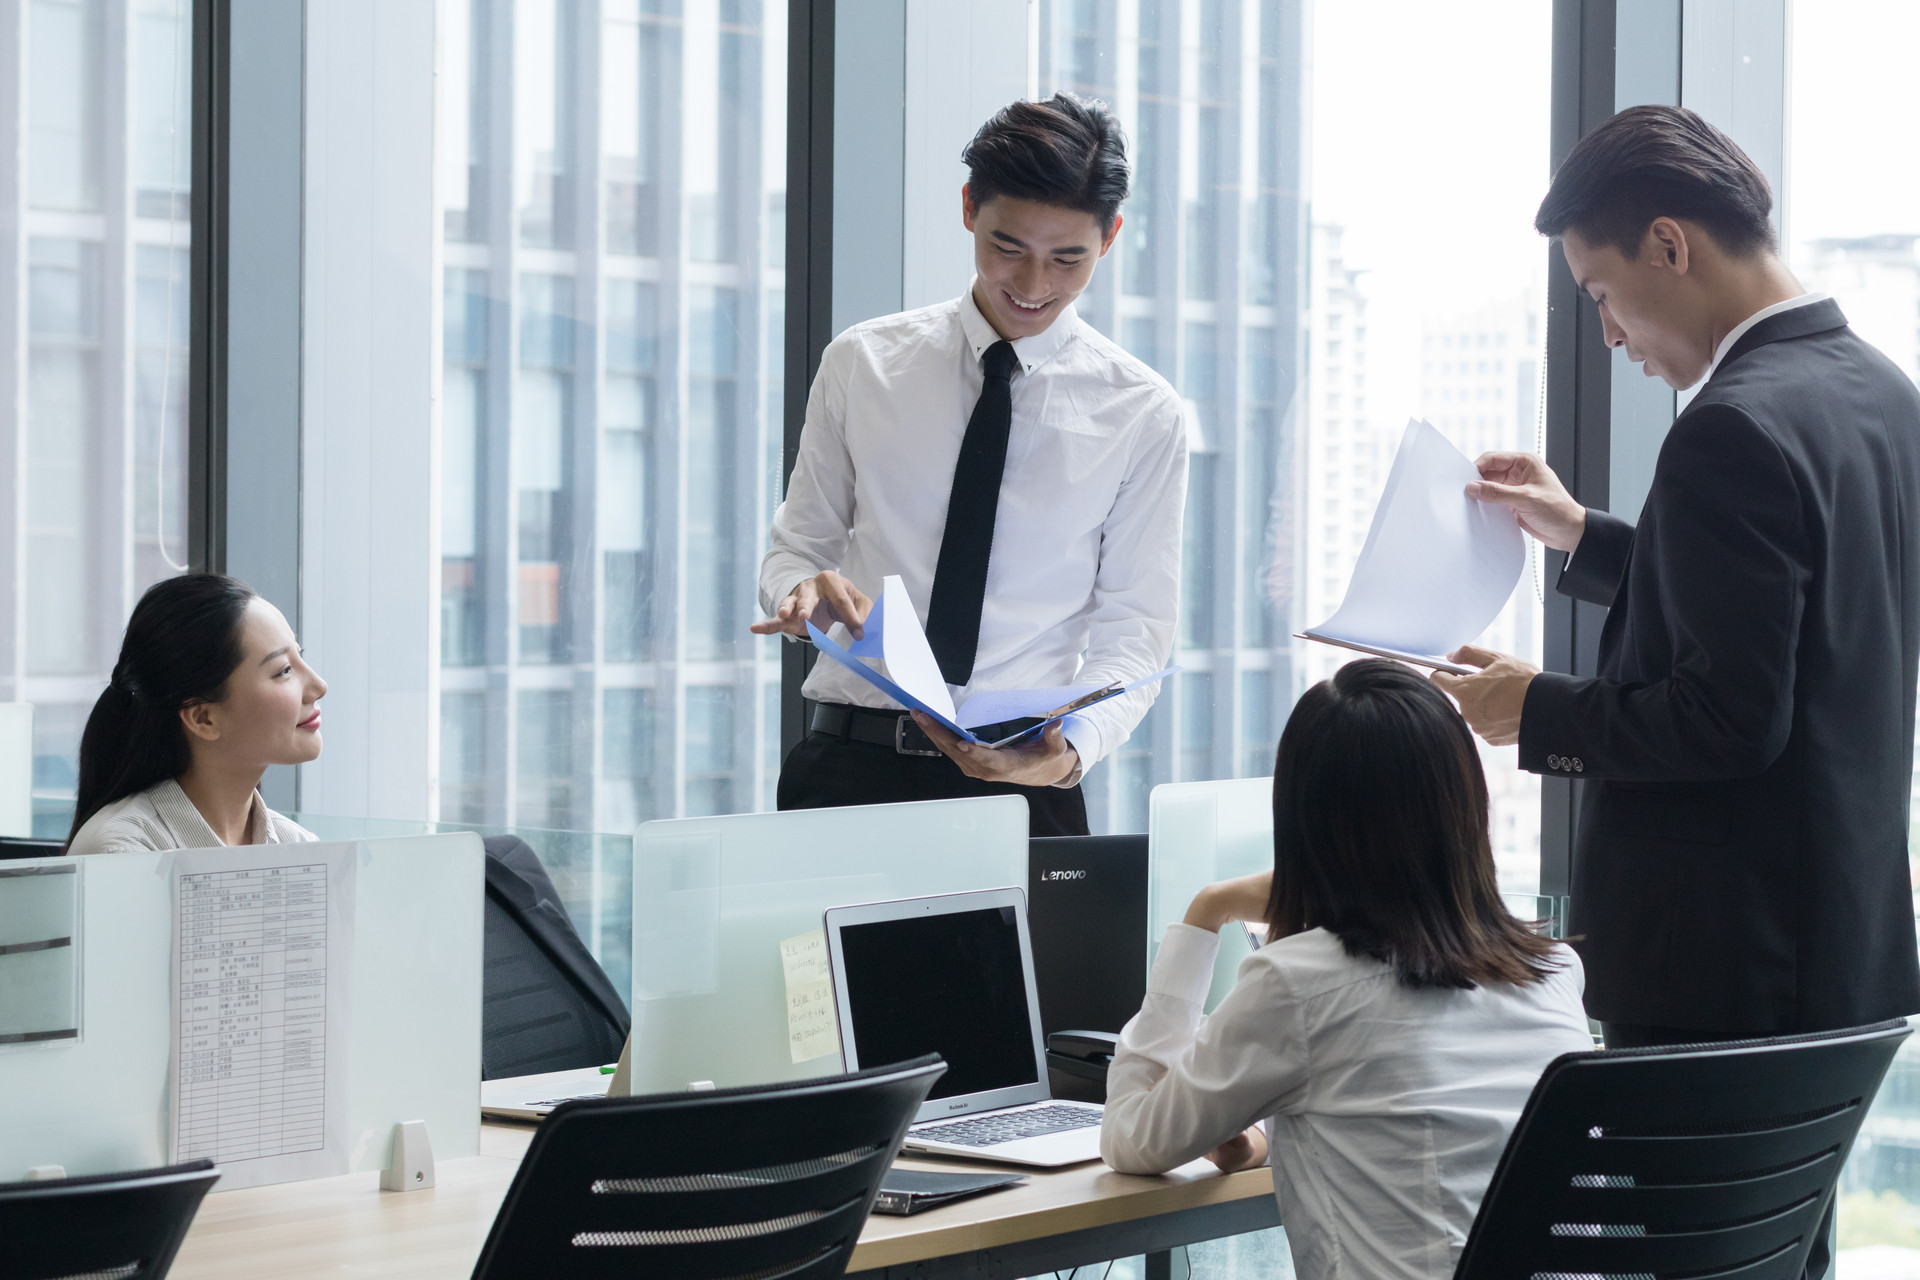 直销培训是竞争利器,唤醒行业教育意义